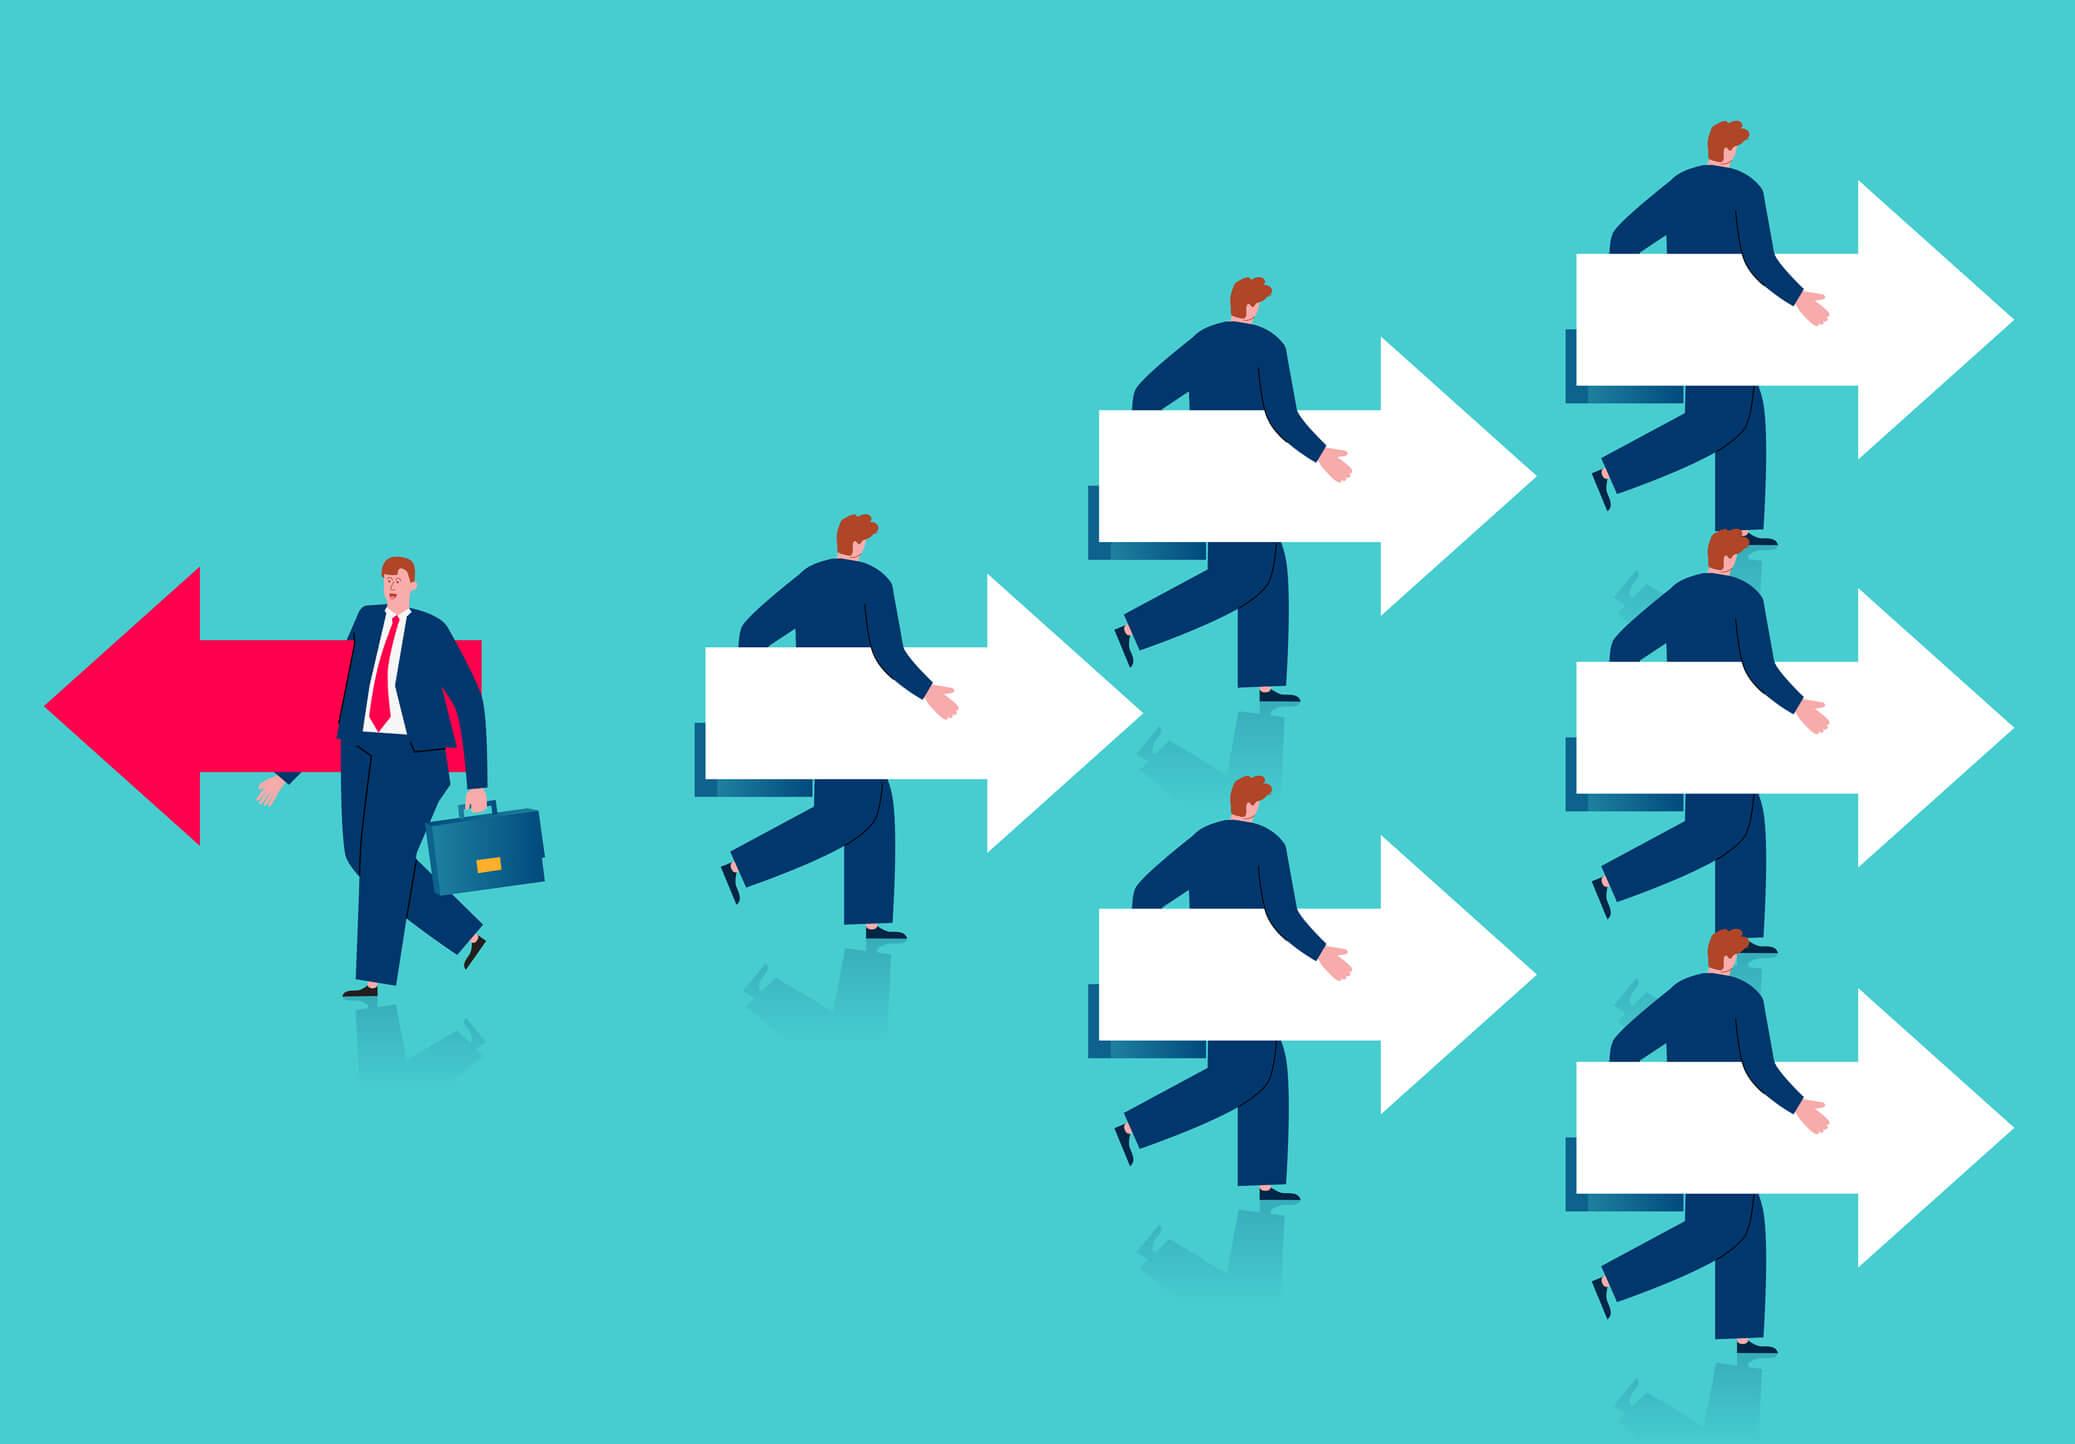 Strategische Wettbewerbsbeobachtung: Diese 6 Fehler sollten Sie vermeiden